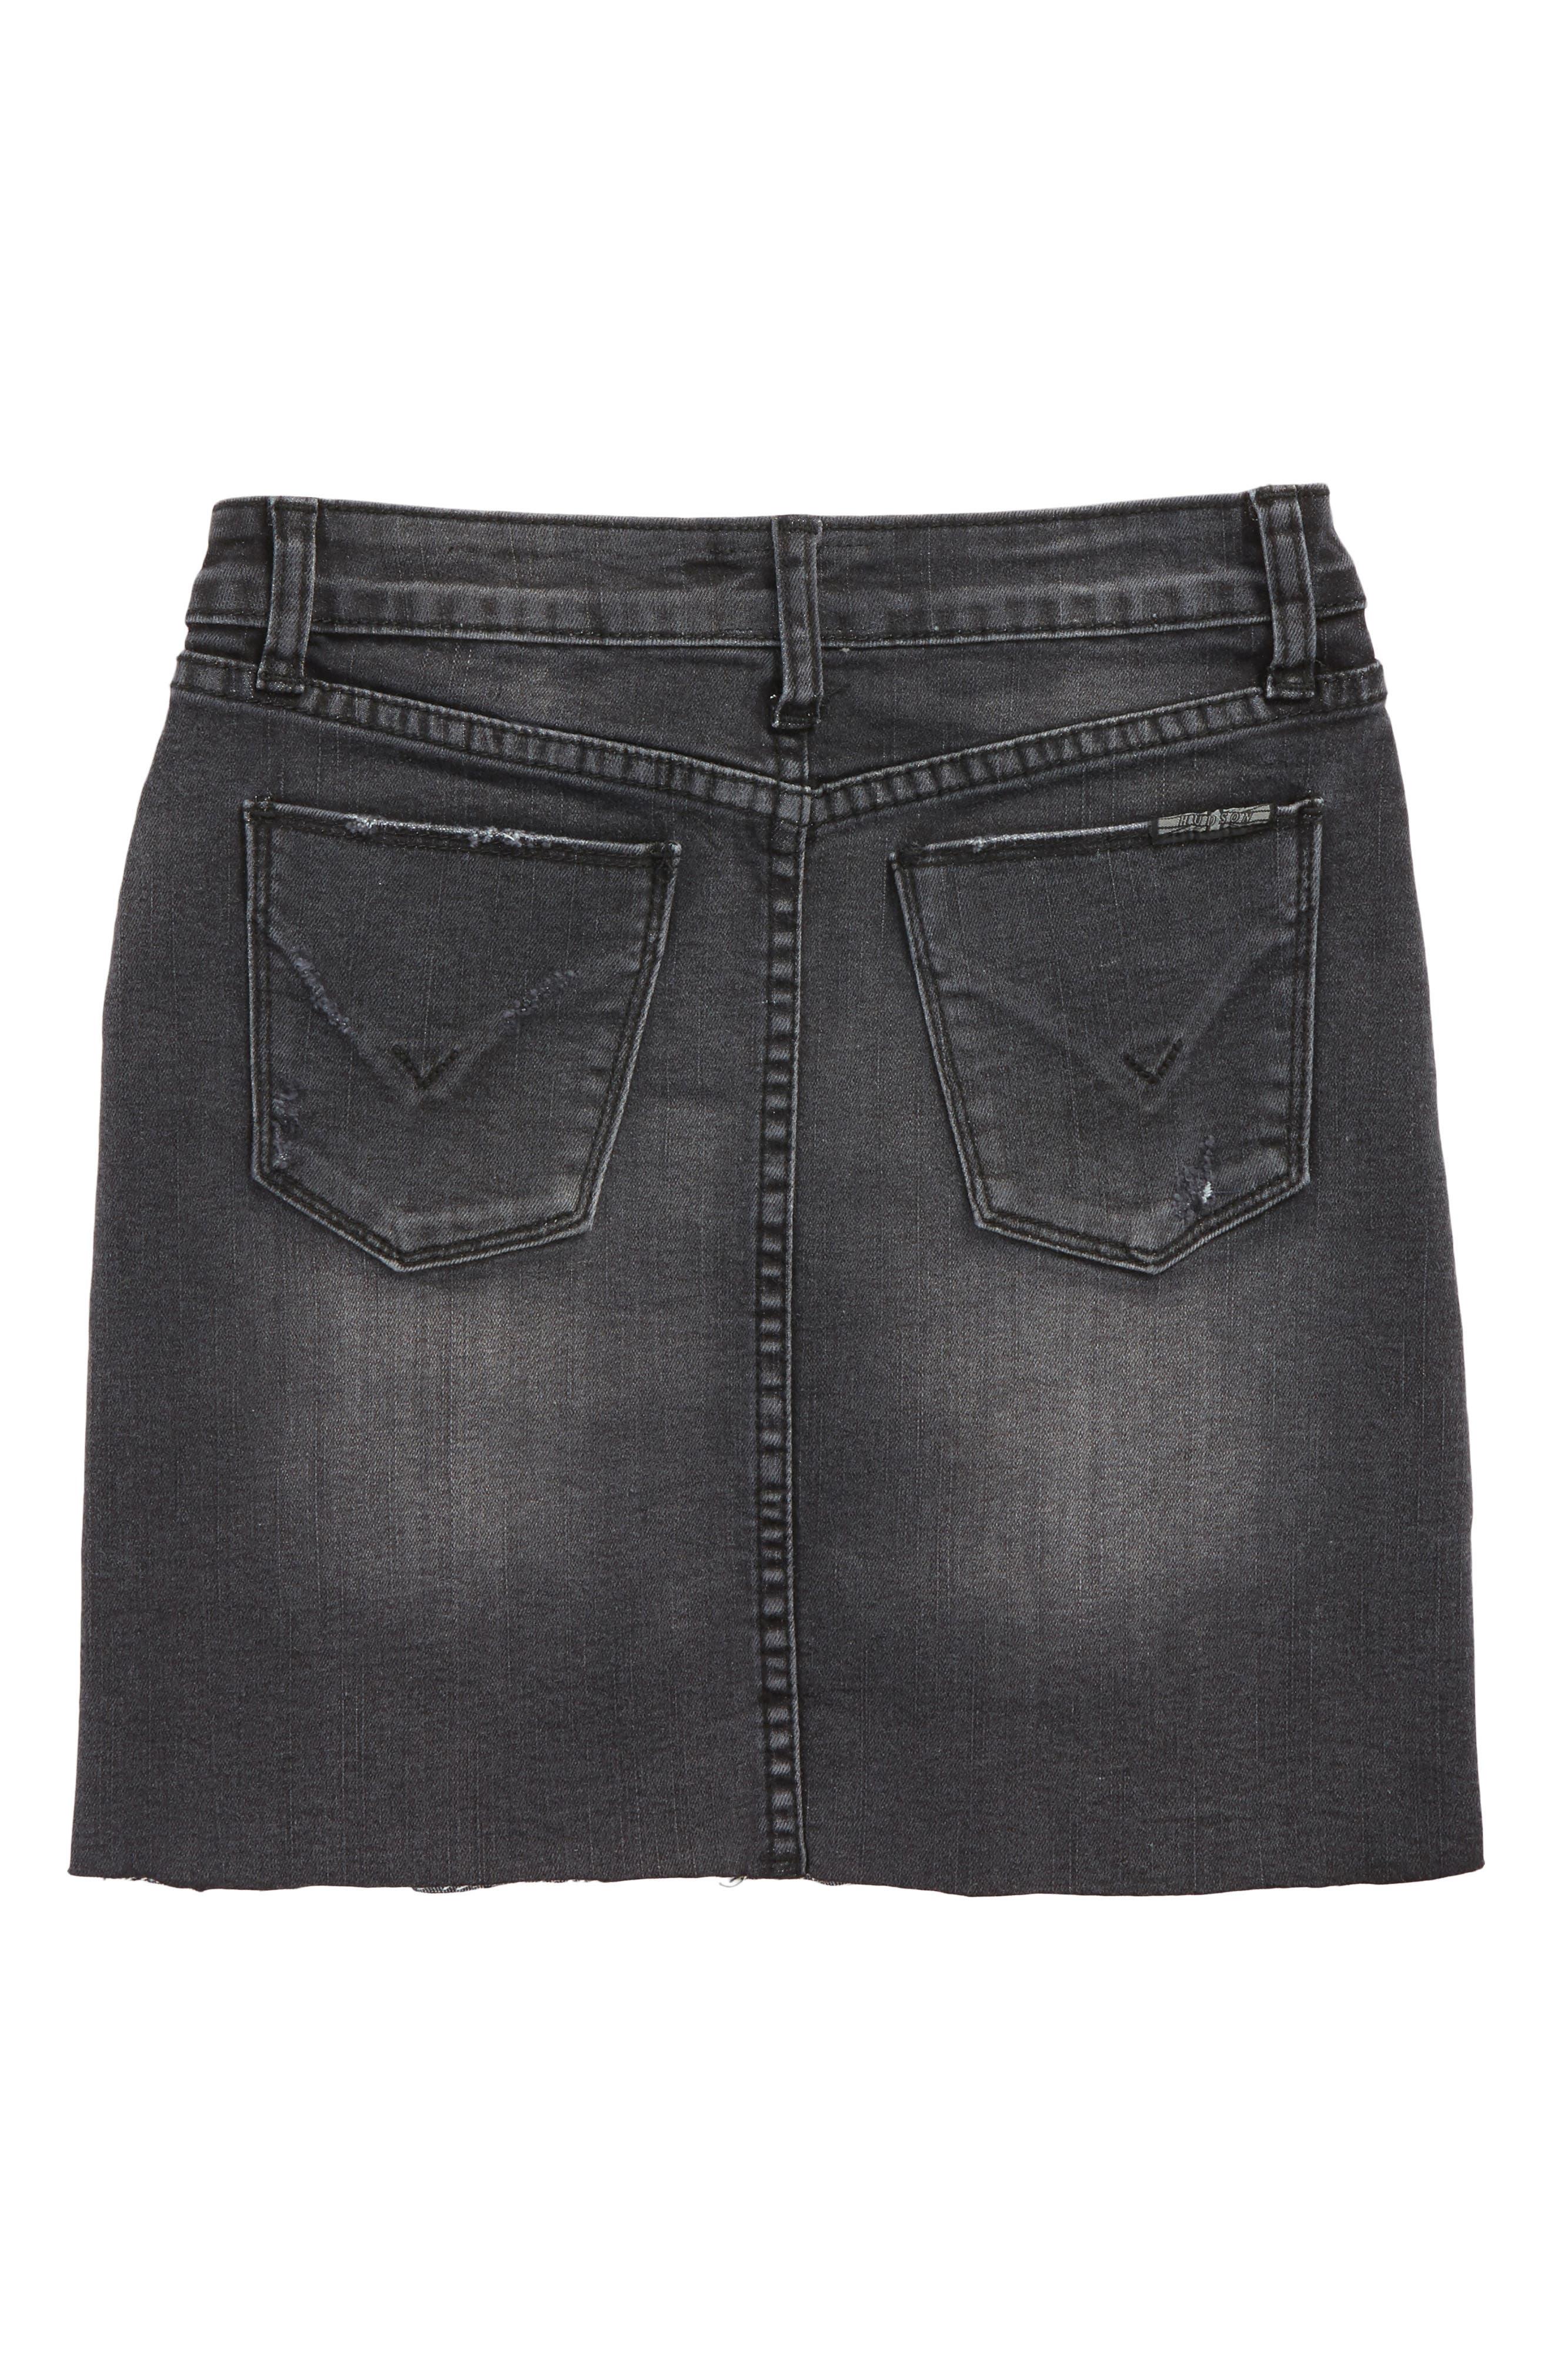 Tara Cutoff Denim Skirt,                             Alternate thumbnail 2, color,                             Black Wash